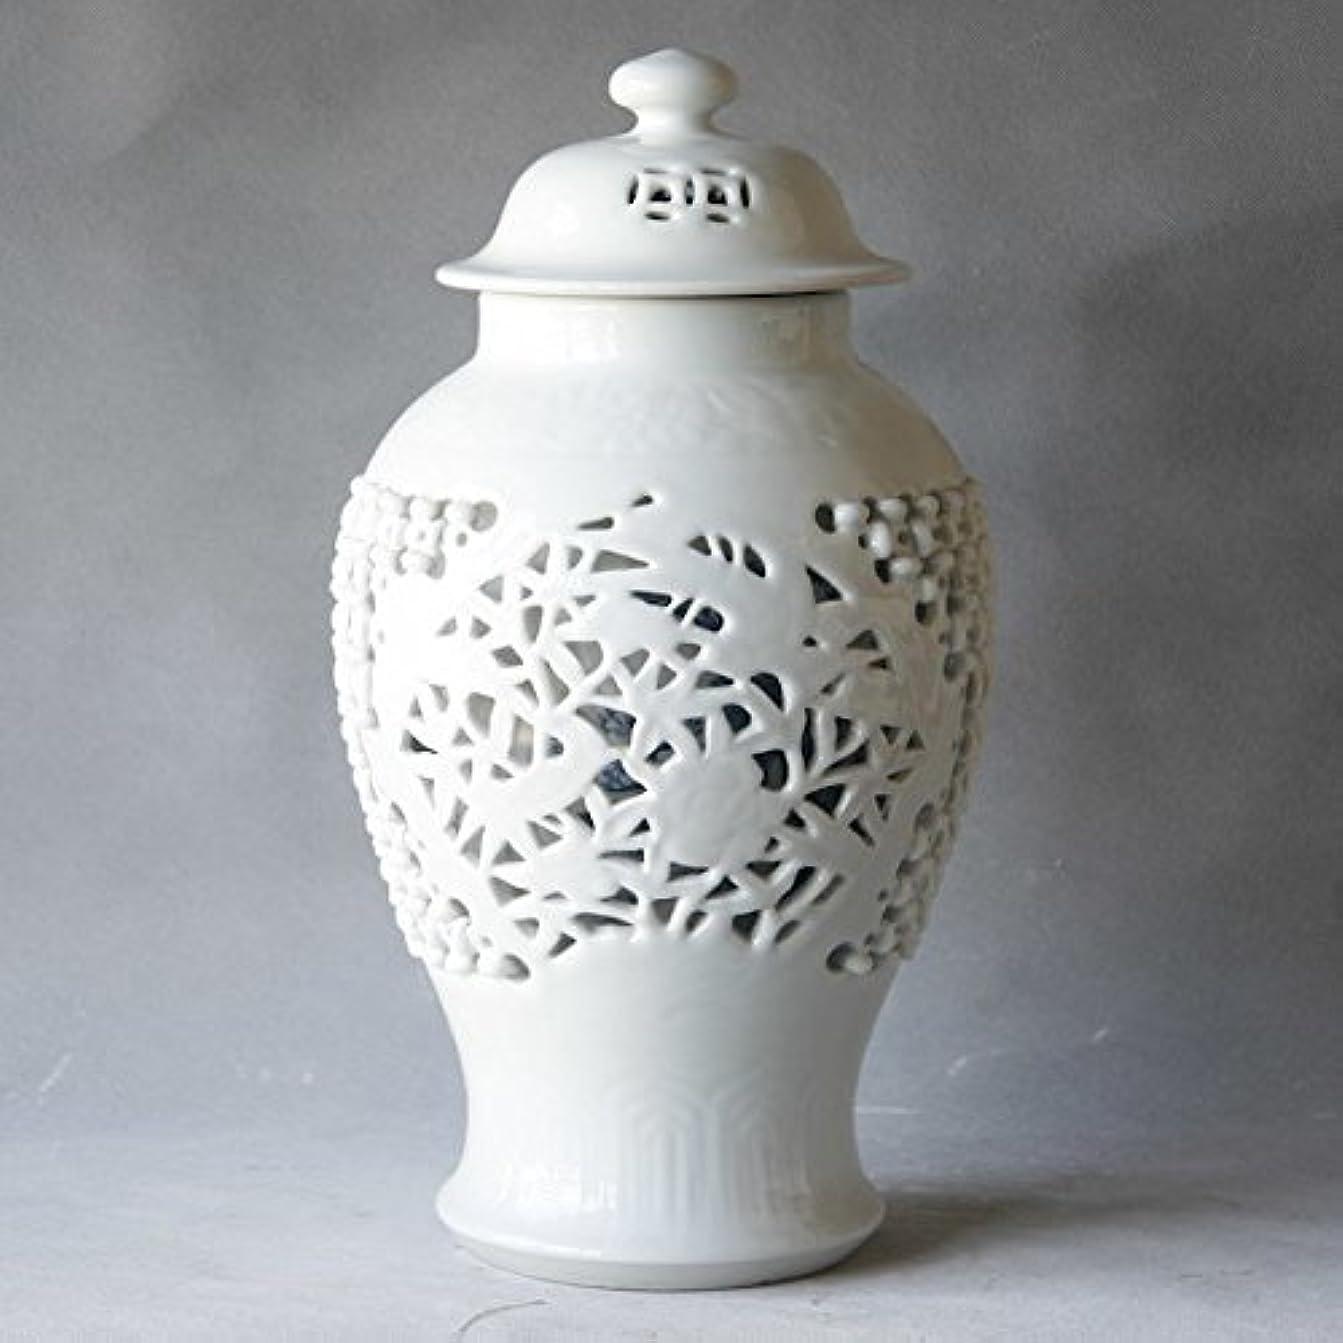 建設呼びかける乗り出すアジアTraditional ChineseセラミックホワイトCarvedノット魅力的なTemple Jar